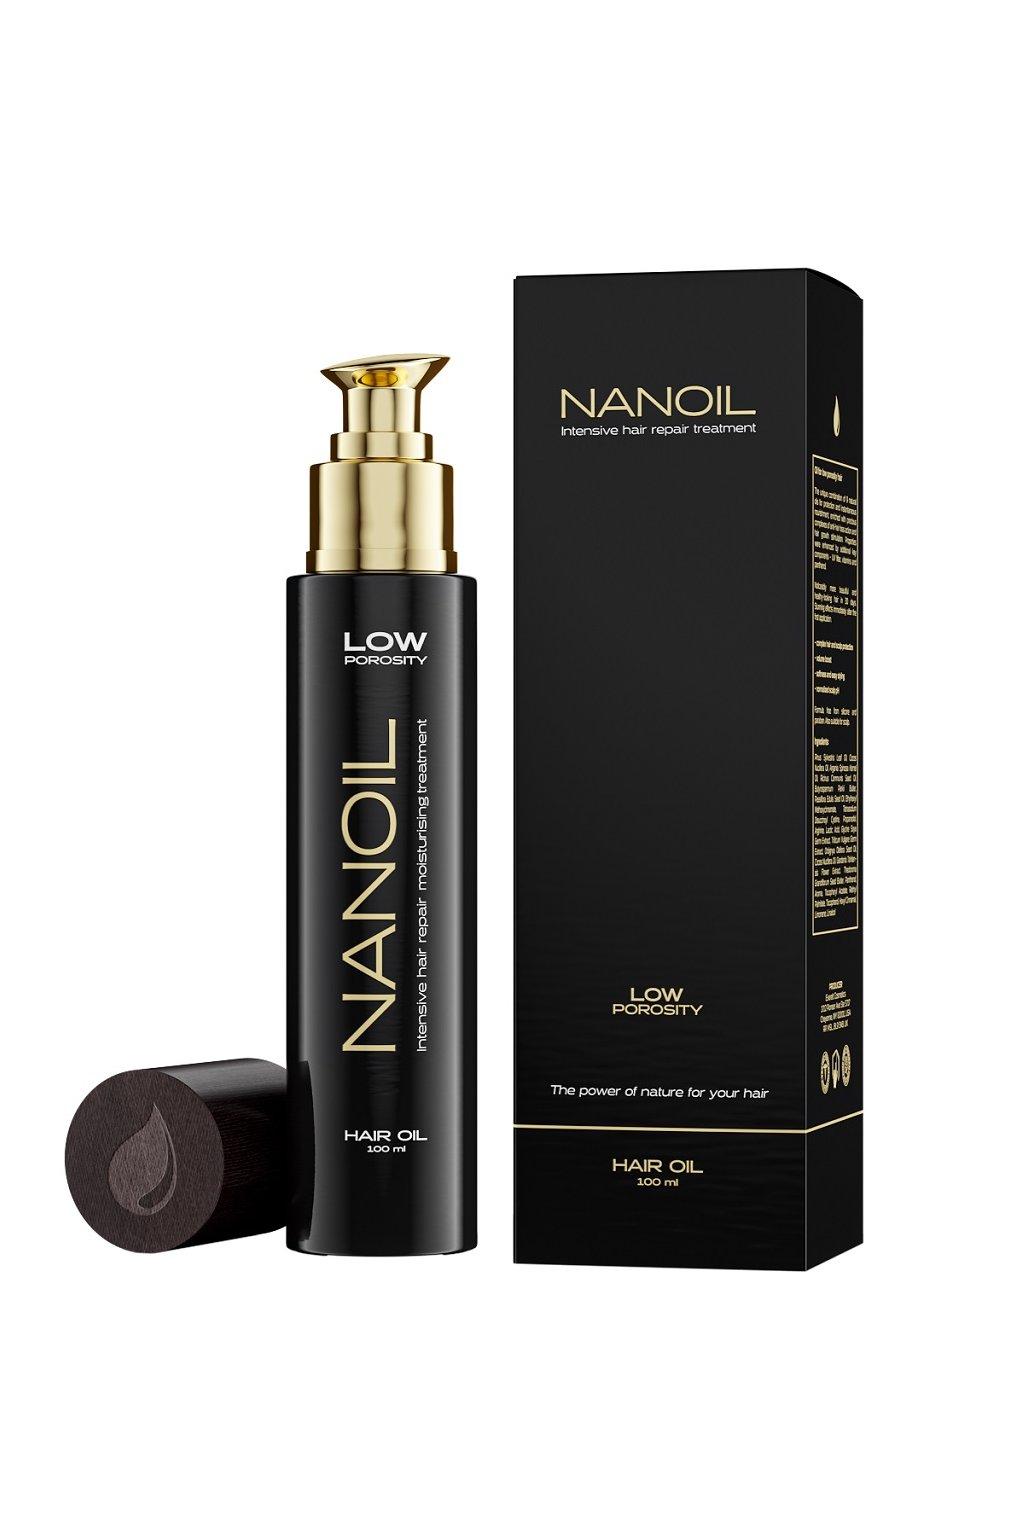 nanoil low porosity Vlasovy olej pro vlasy s nizkou porozitou 100 ml